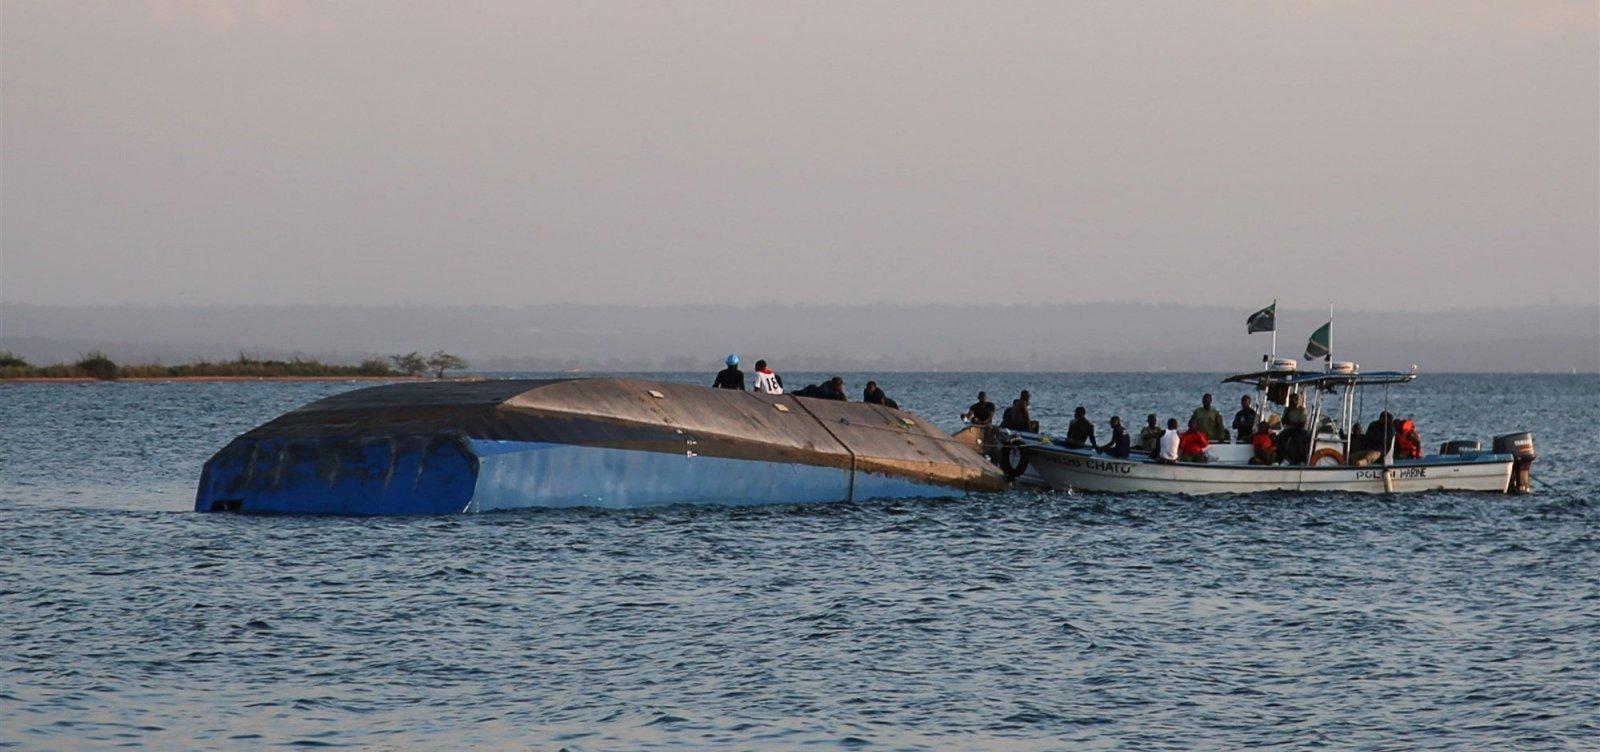 Sobrevivente de naufrágio é encontrado na Tanzânia